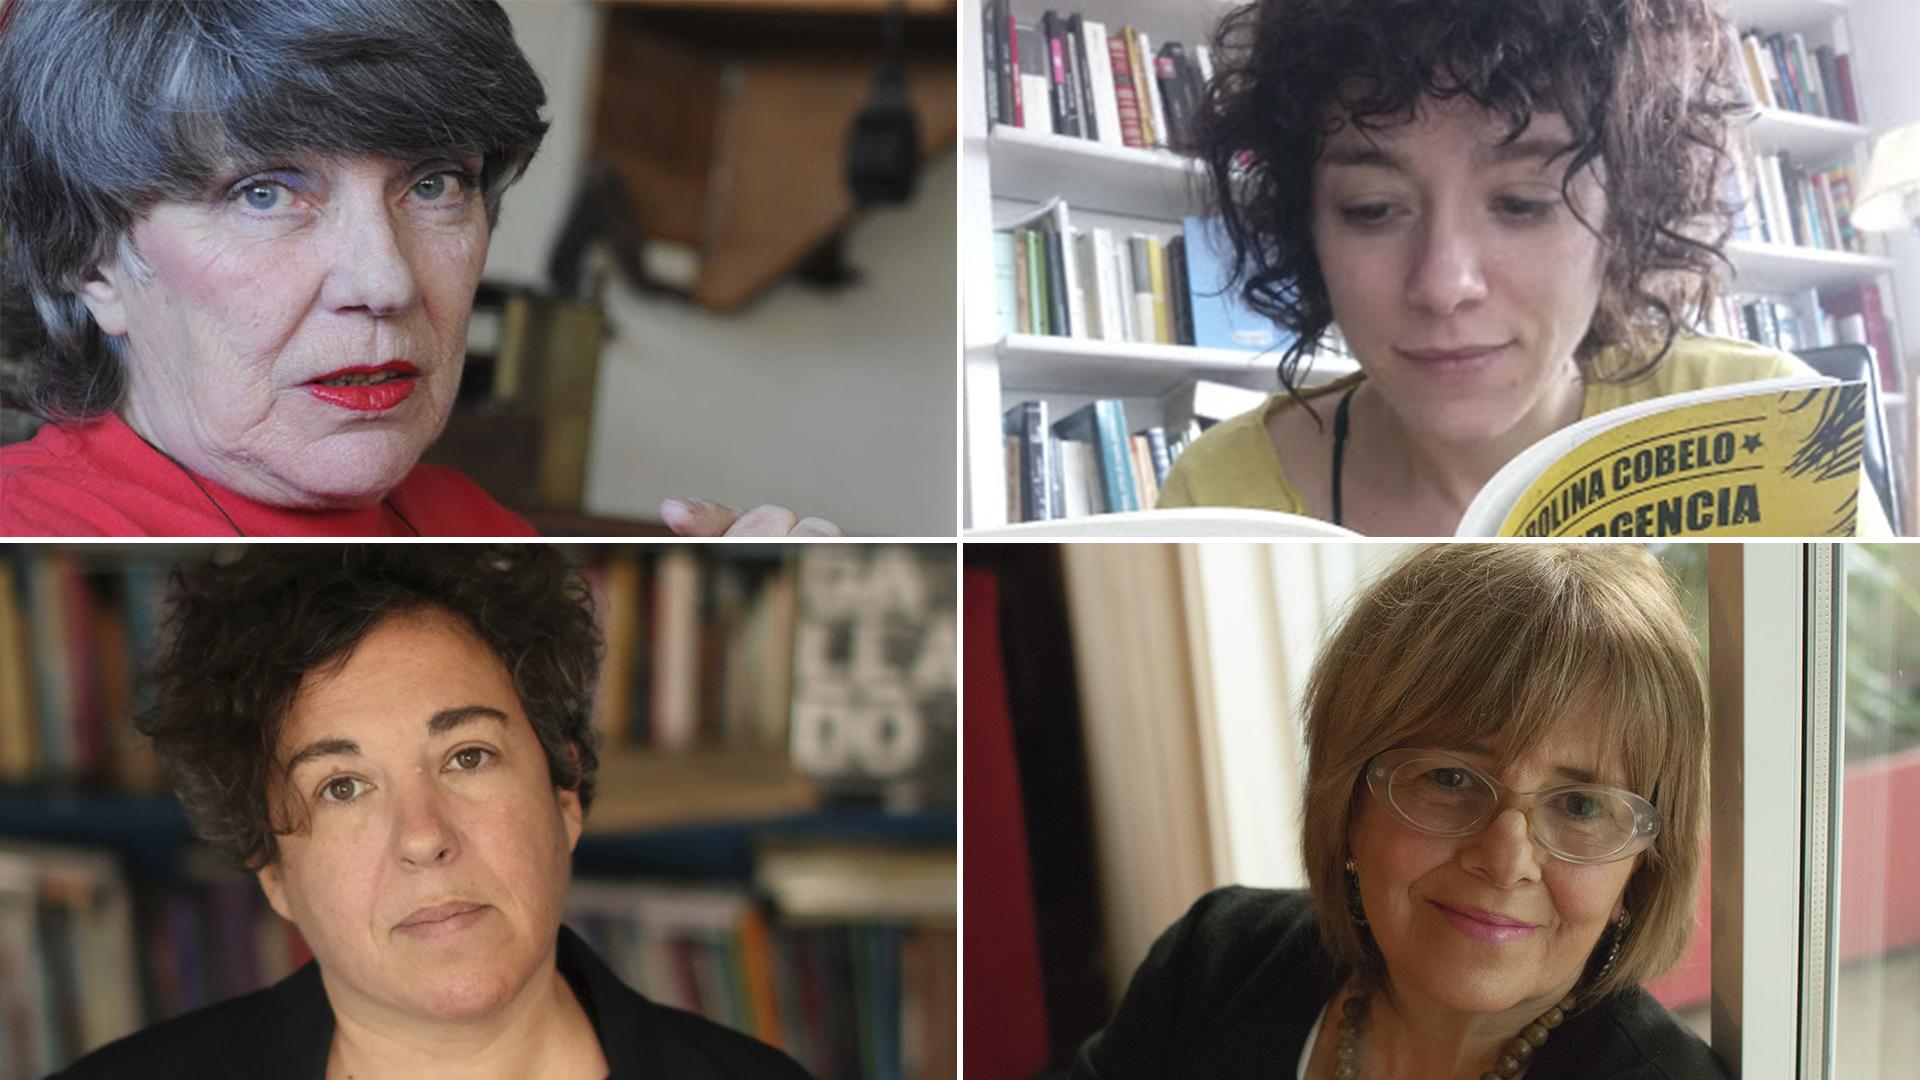 Alicia Plante, Carolina Cobelo, Gabriela Cabezón Cámera, Patricia Sagastizábal